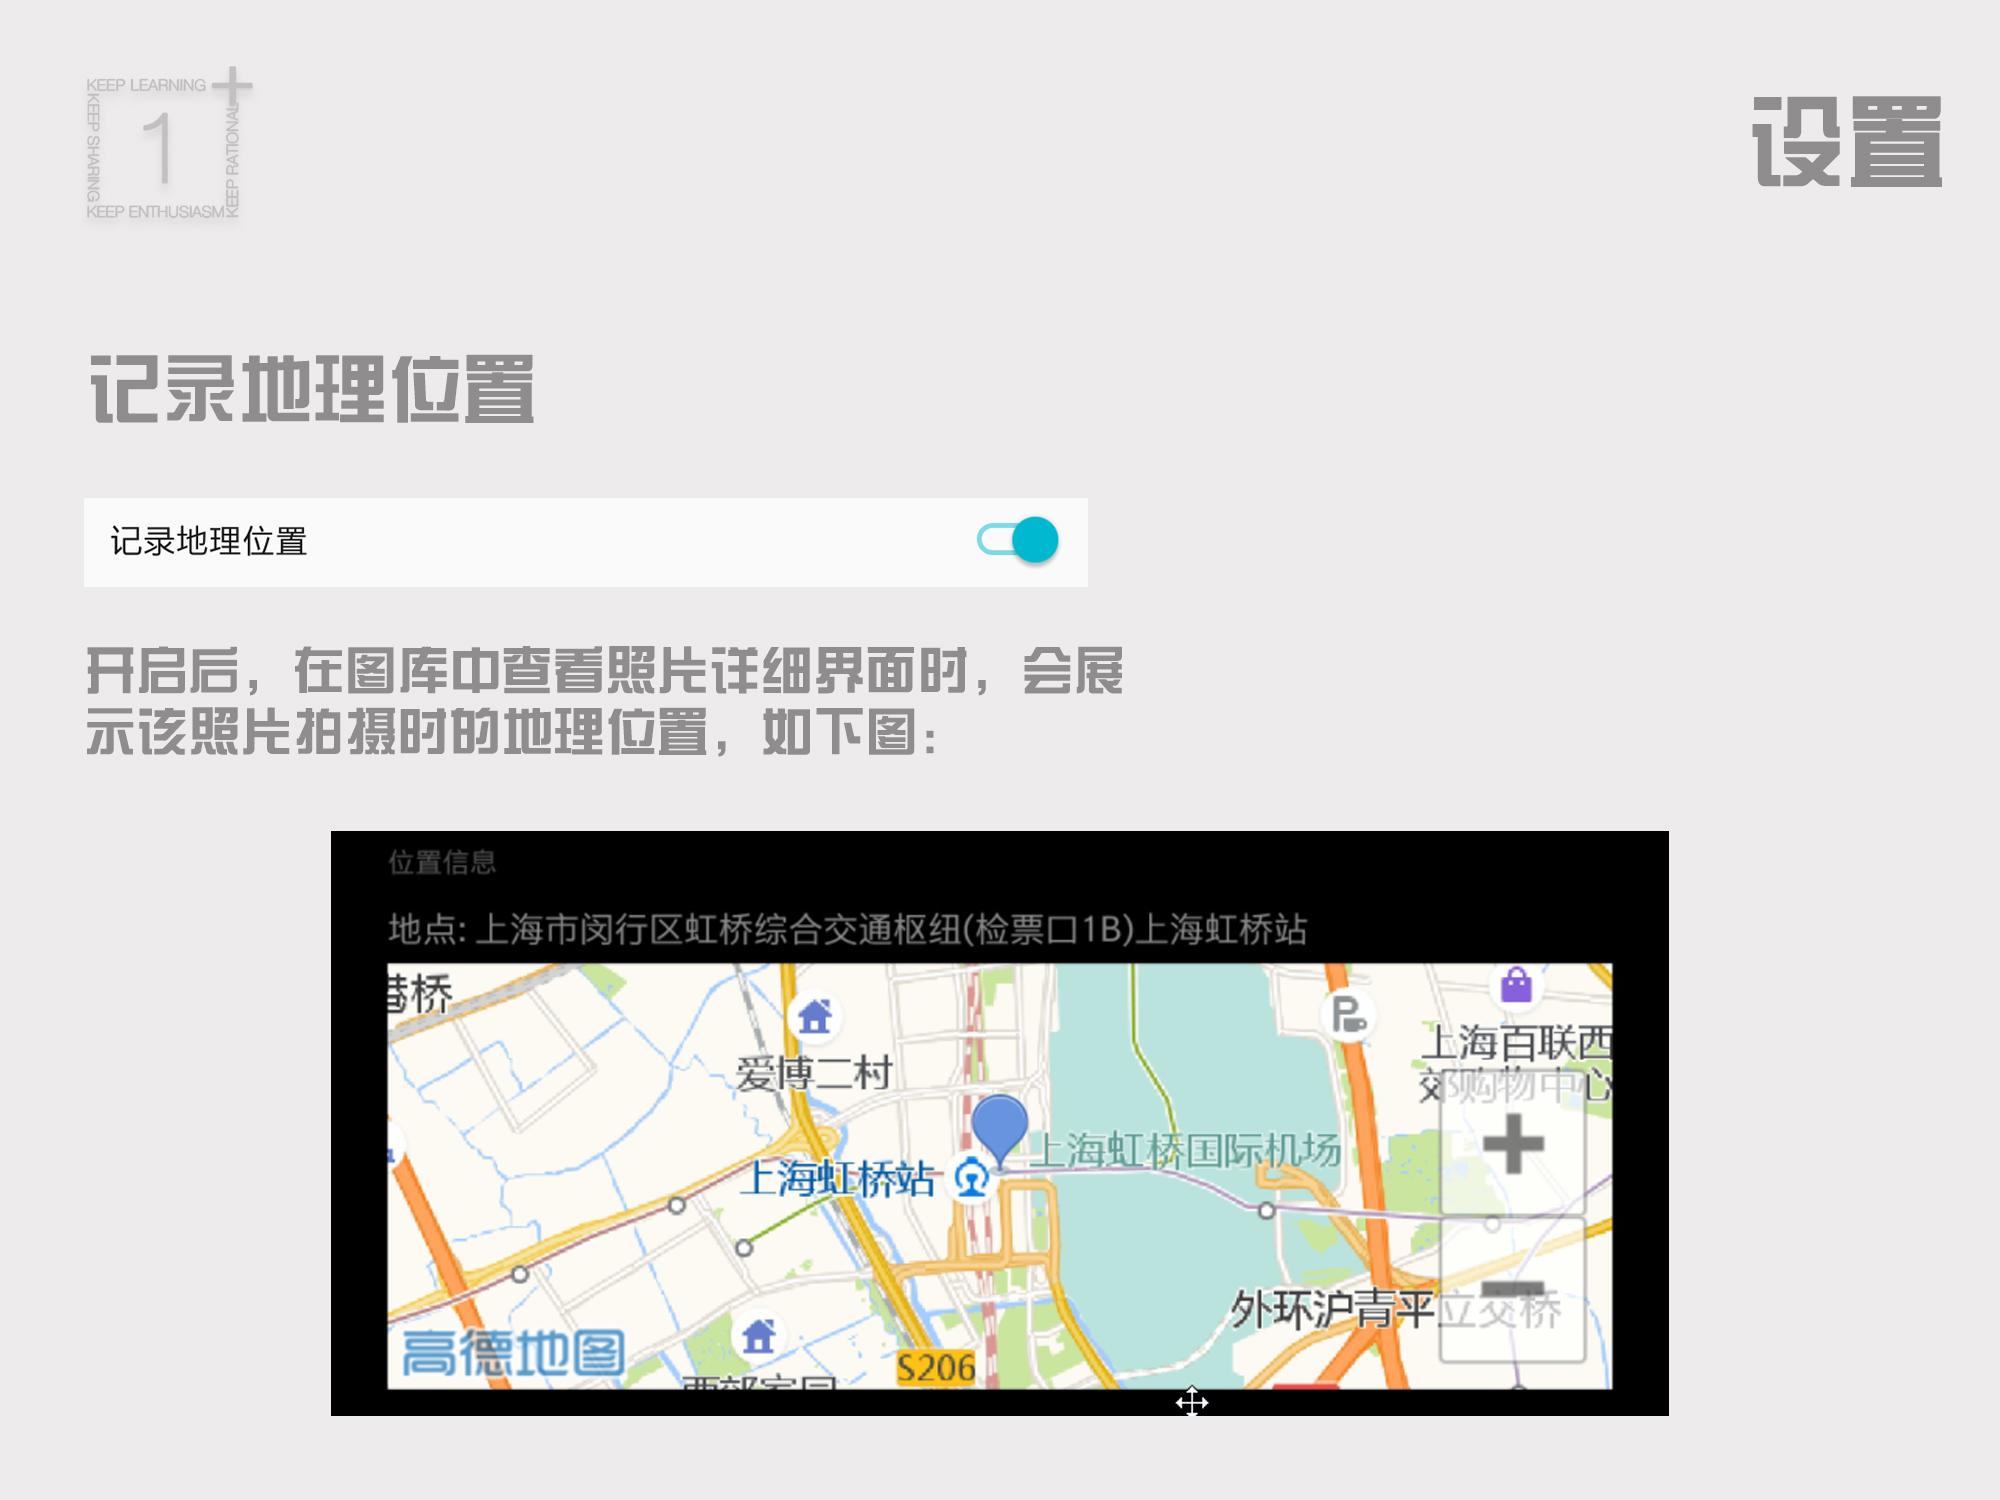 设置-记录地理位置.jpg